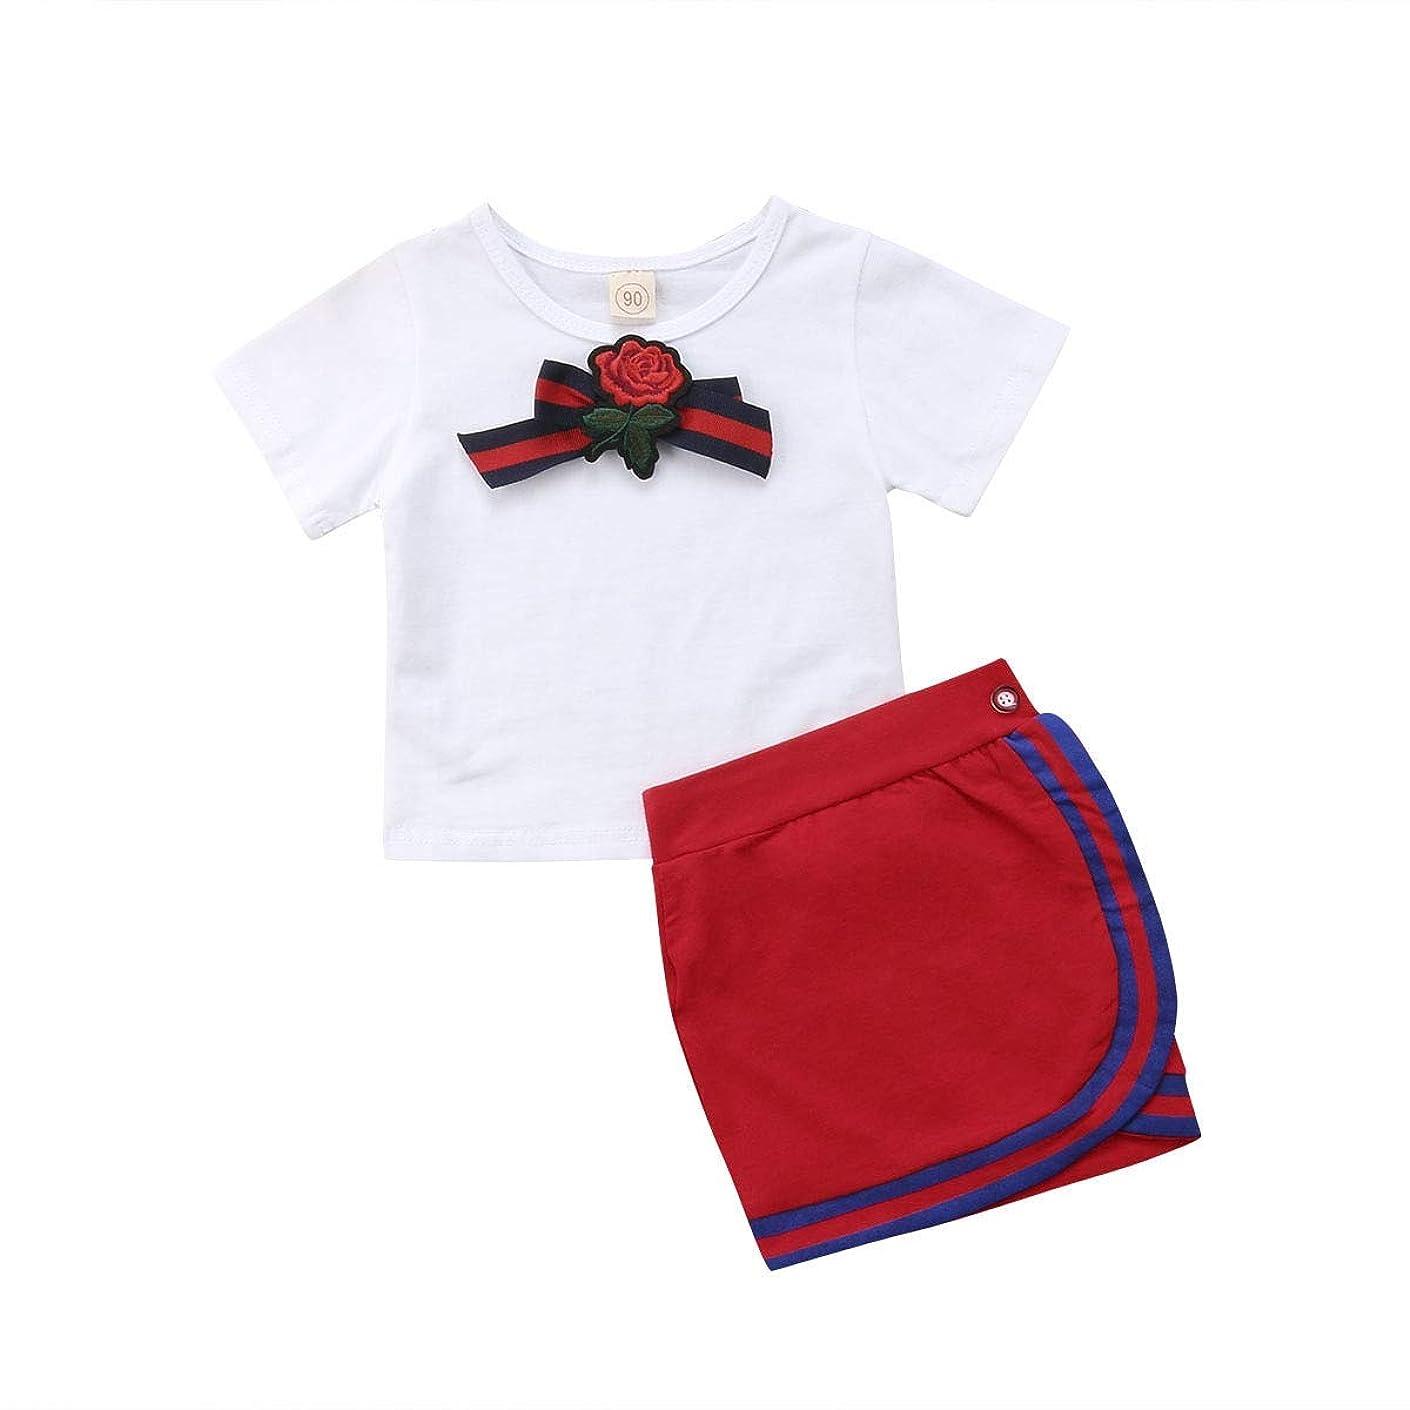 段落望む請負業者Onderroa - 女子制服新生児キッズベビー は蝶の花タイのTシャツショートミニスカートパーティーウェディングチュチュドレストップス設定します。